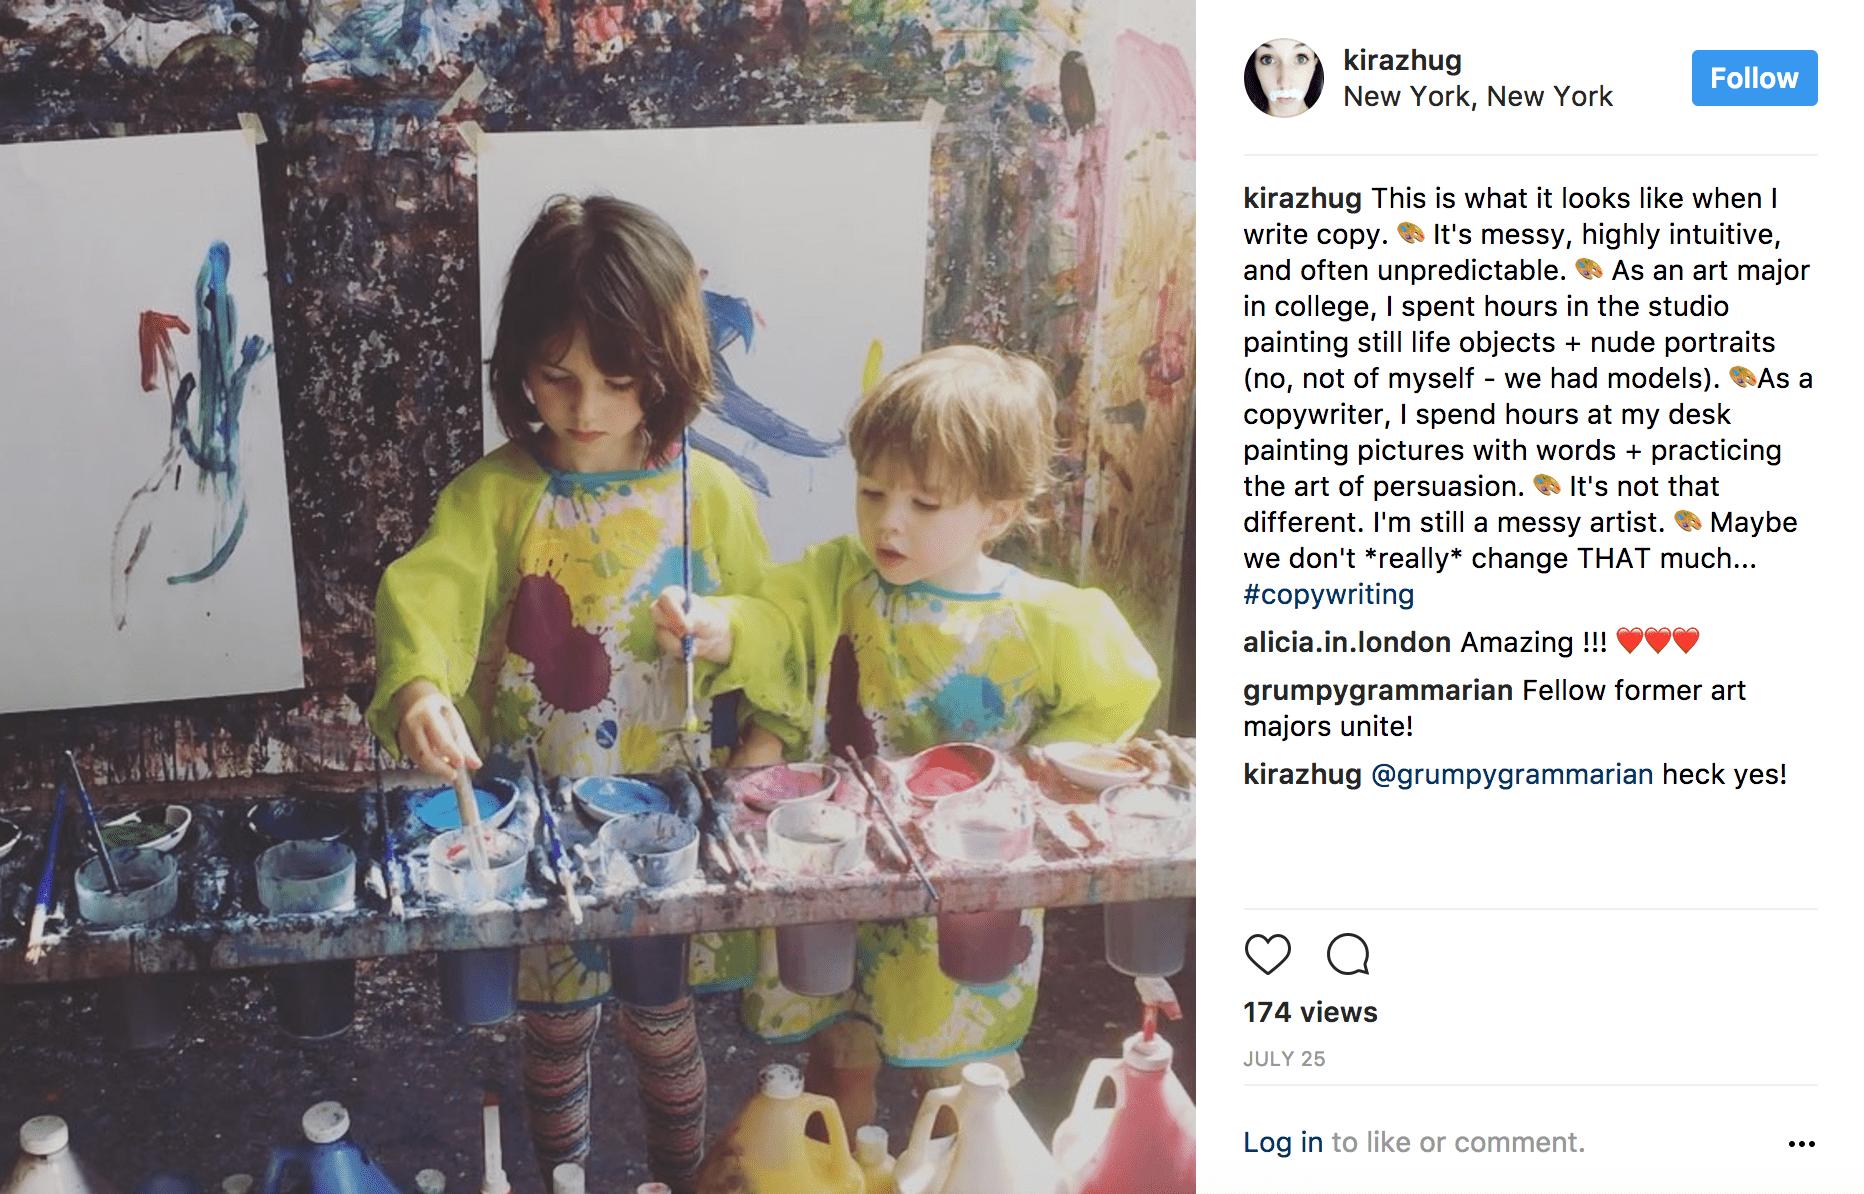 Kira Hug Instagram stream